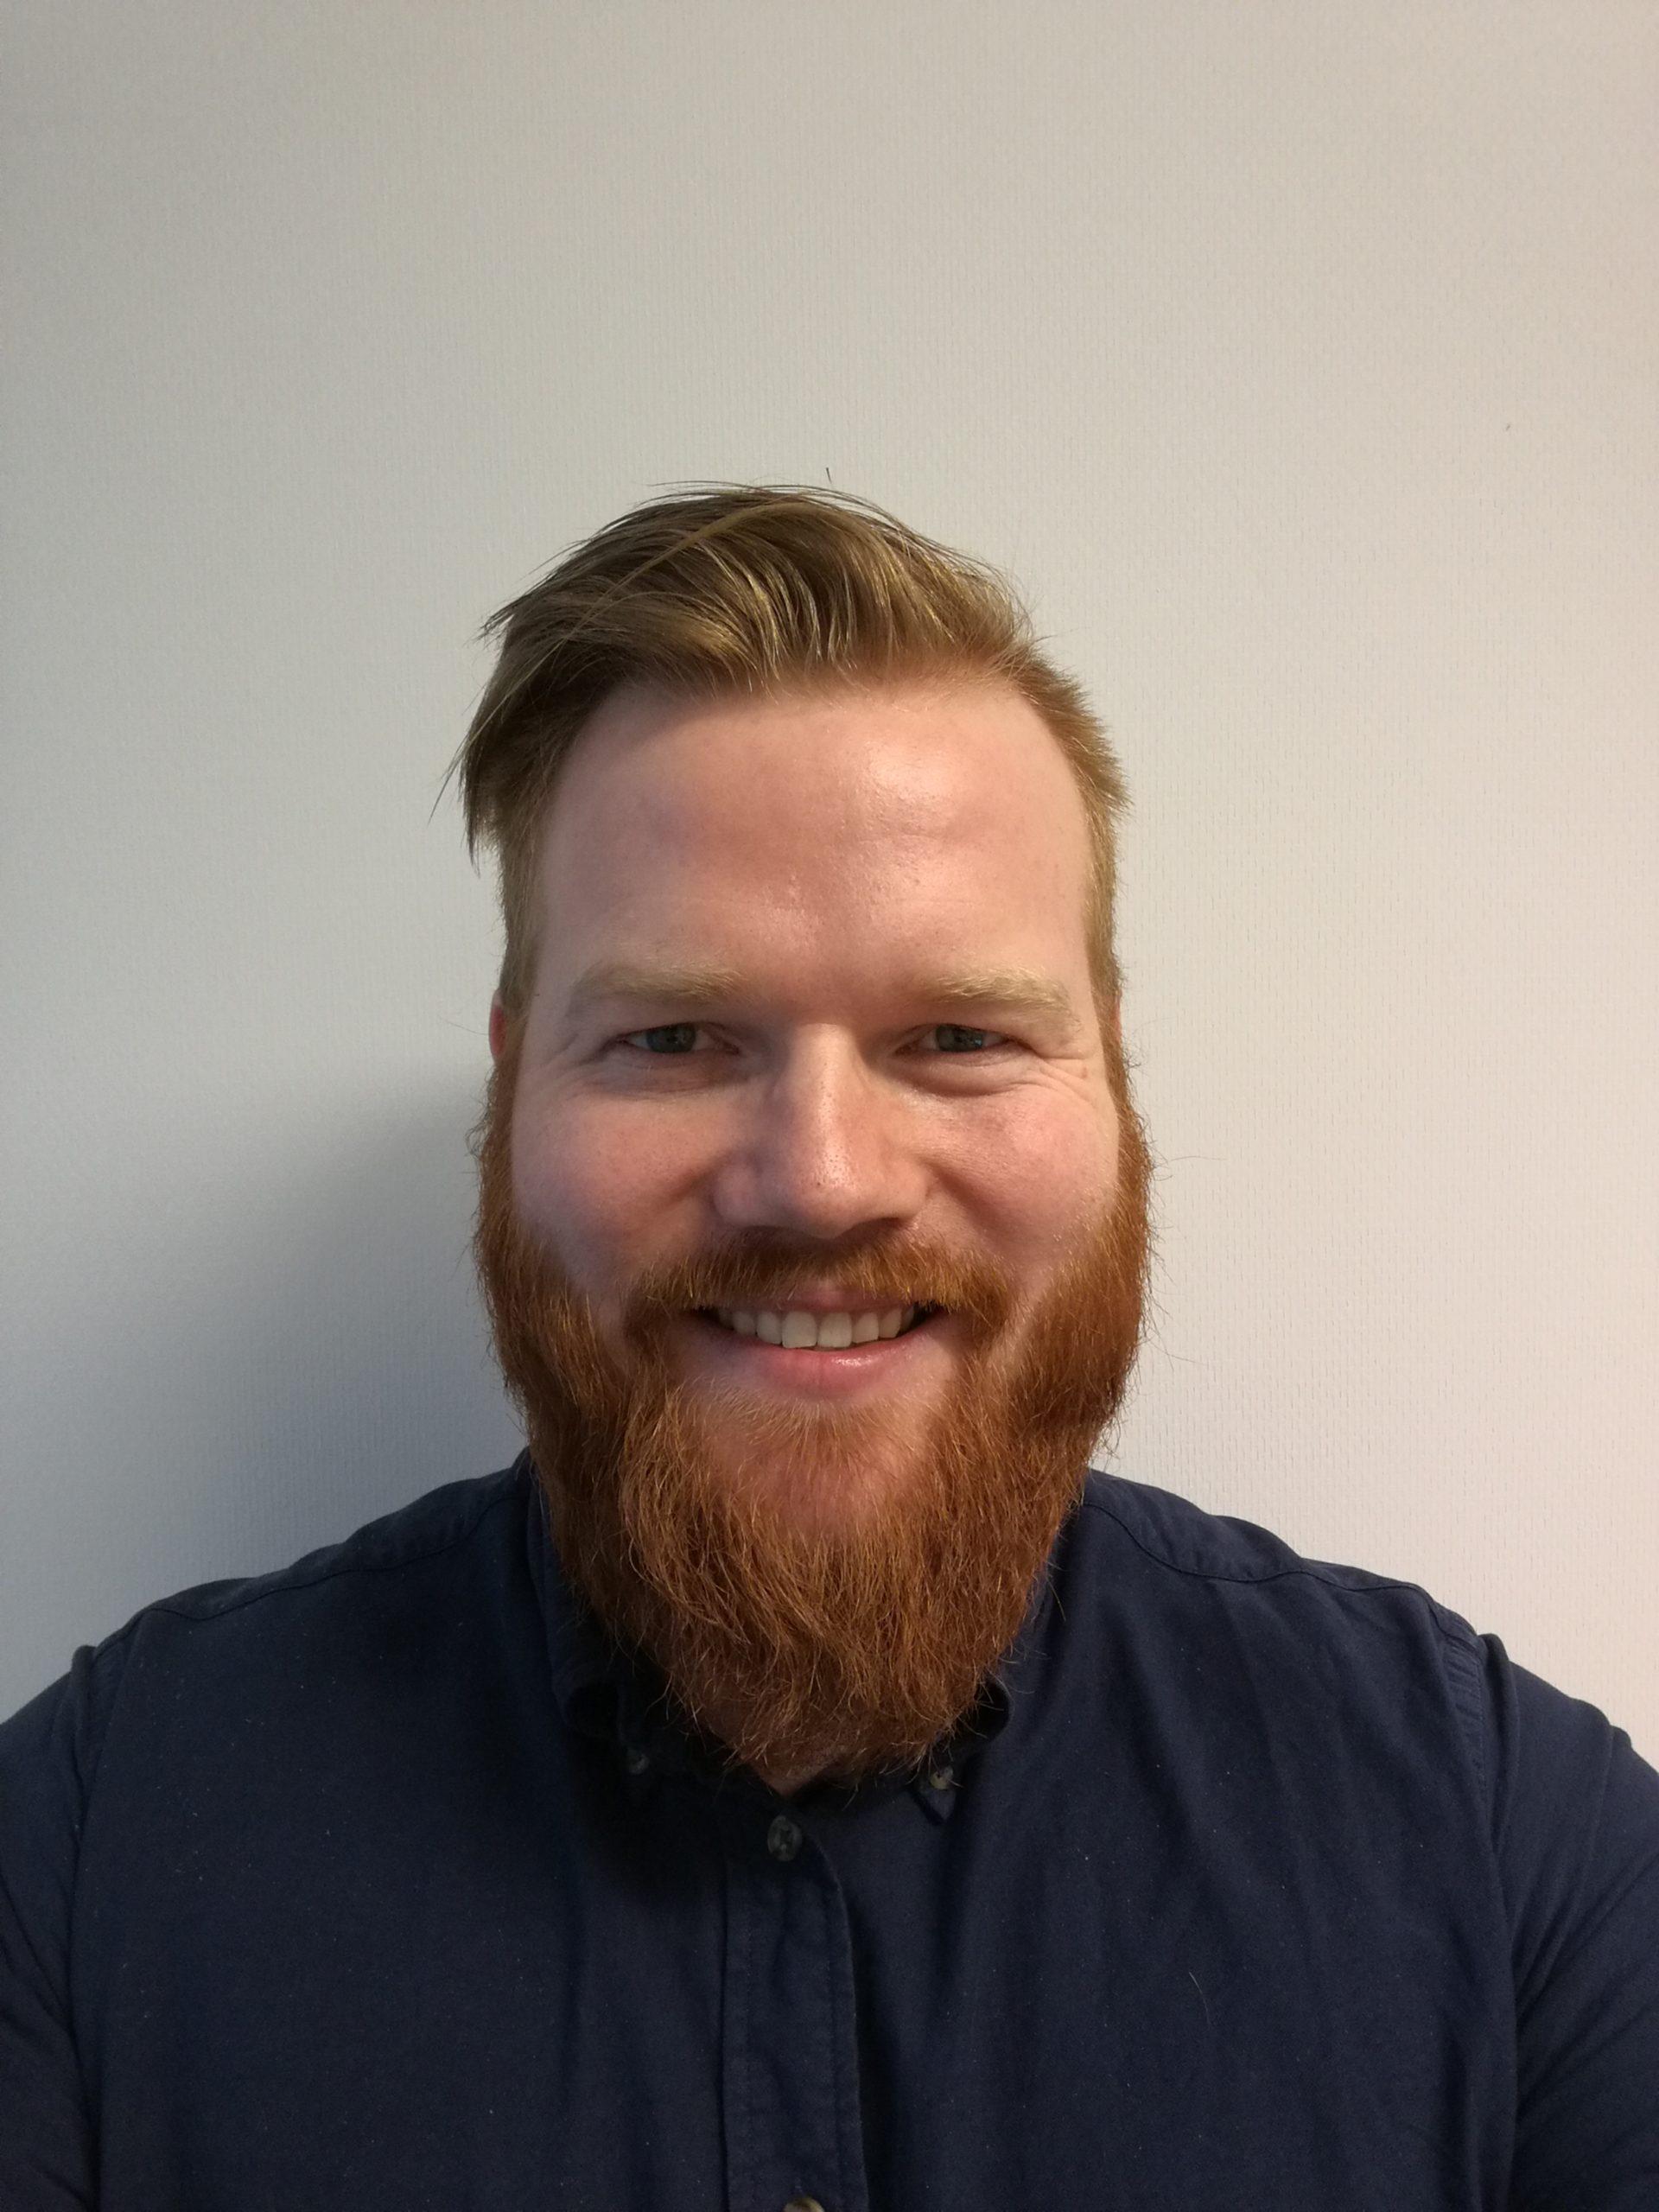 Daniel Wiese-Møller